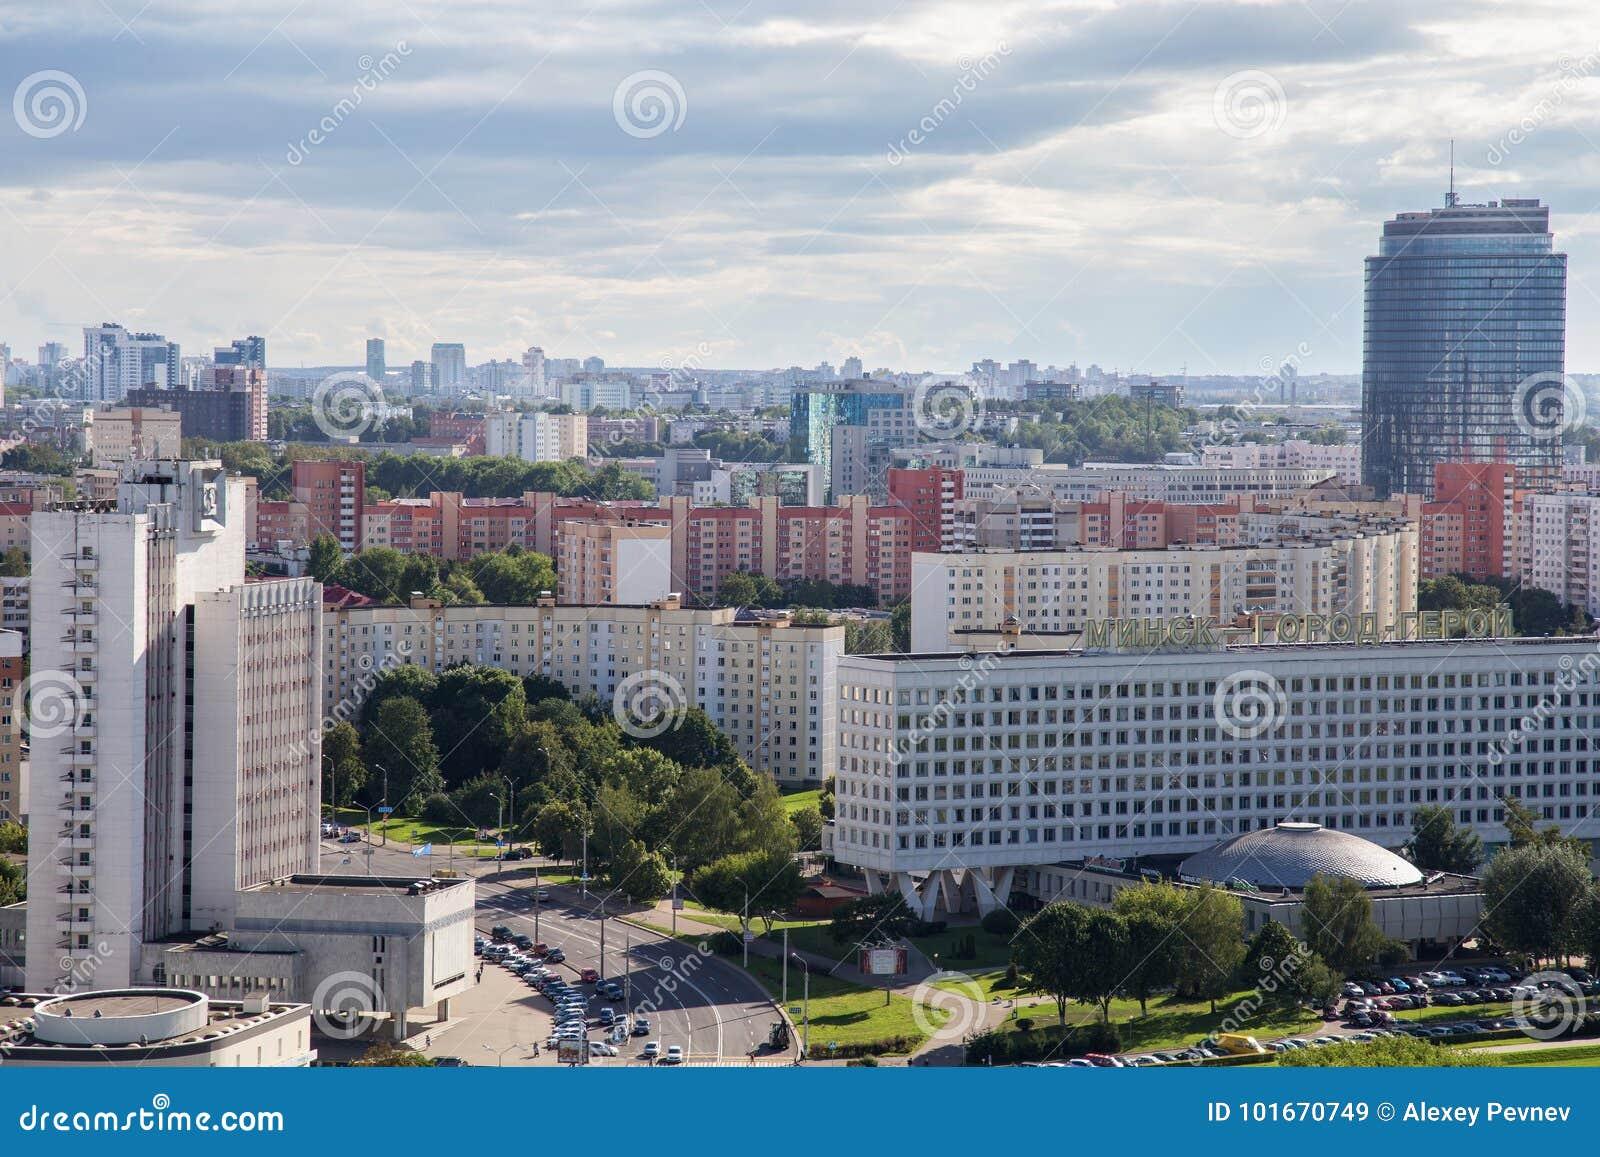 MINSK, BIELORRUSIA - 15 DE AGOSTO DE 2016: Vista aérea de la parte occidental del Minsk con los altos edificios